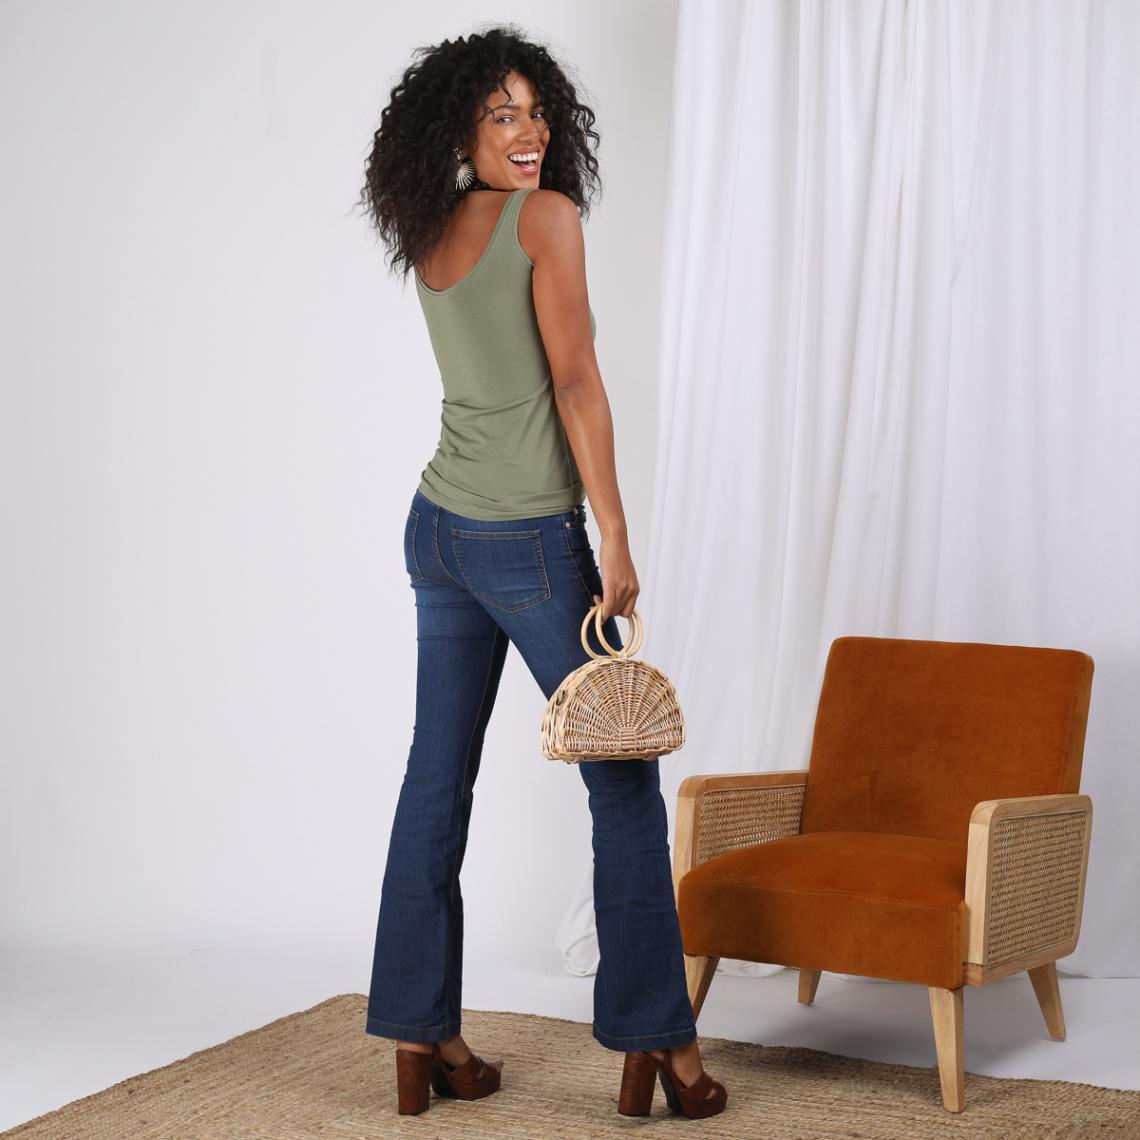 76f79a9086a146 Tee-shirt à bretelles col rond à pressions femme - KAKI   3 SUISSES